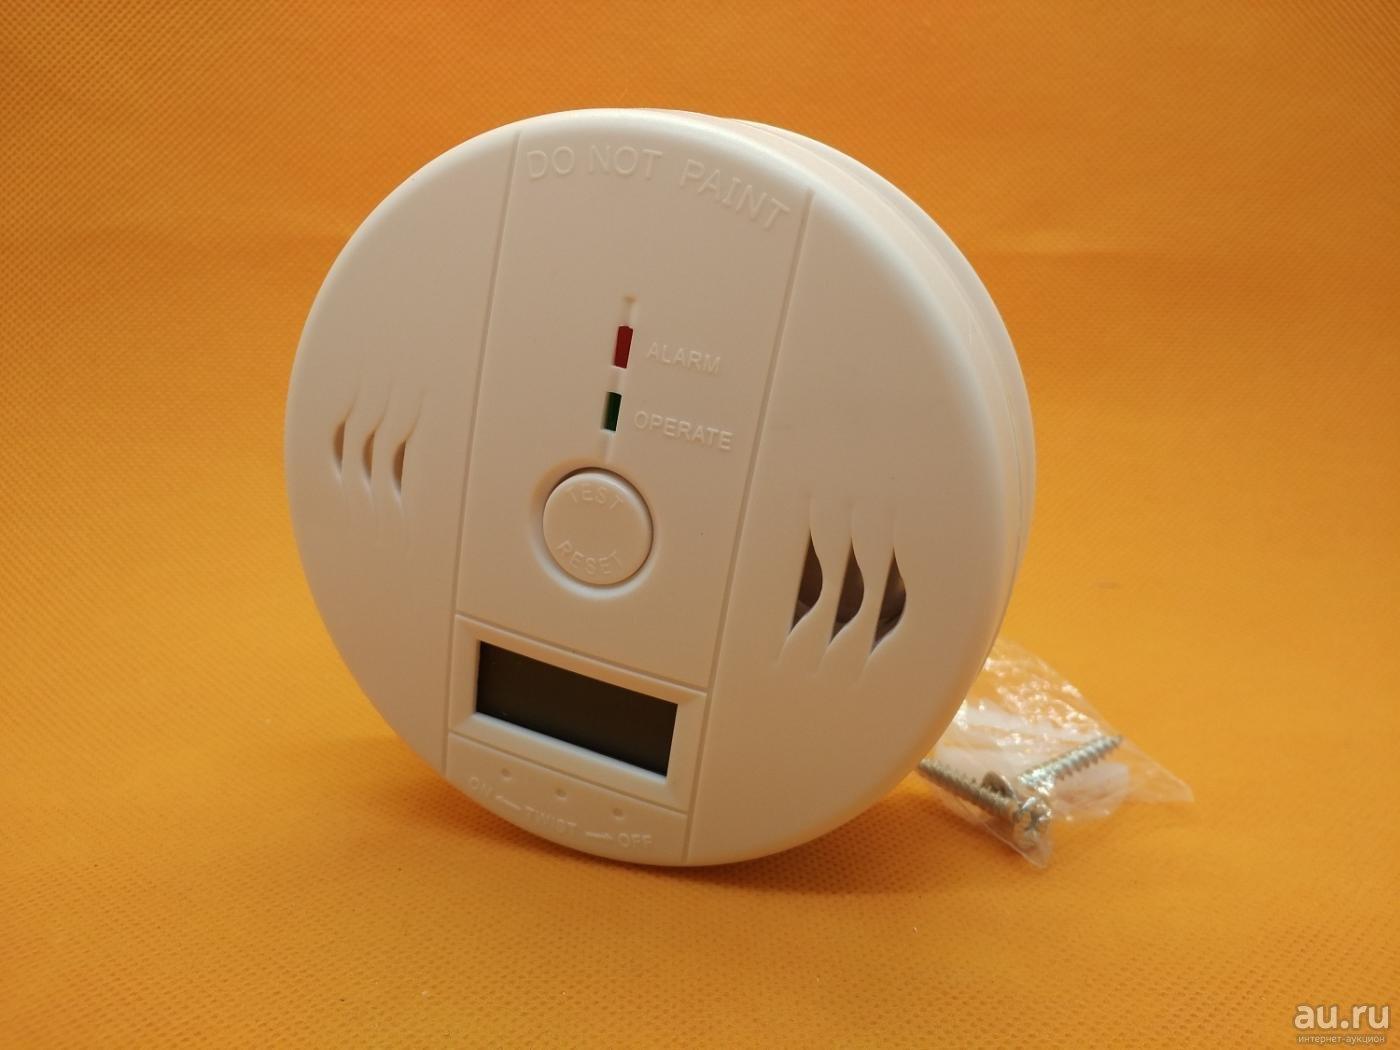 Датчик утечки газа для дома с сигнализацией: реагируют на природный (бытовой) газ в квартире